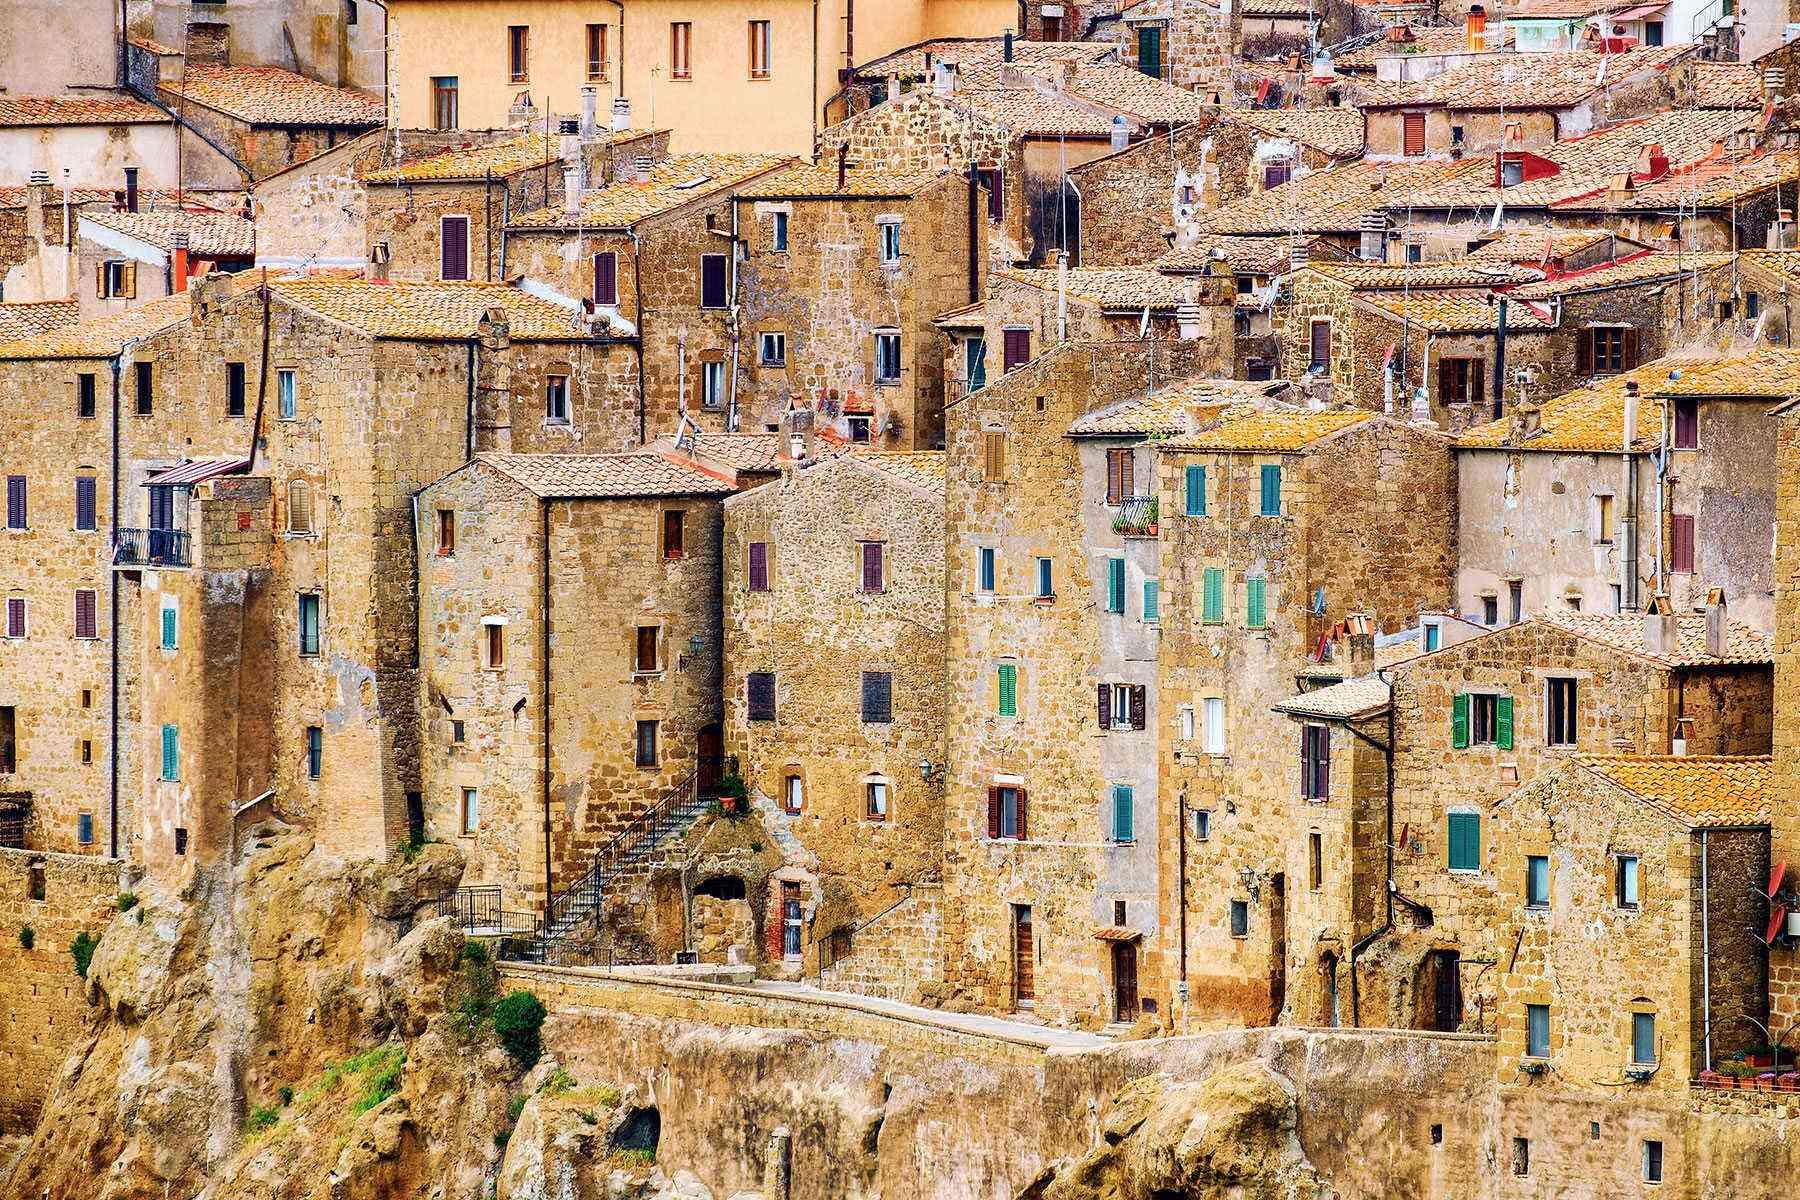 Medieval-Italian-Towns-Pitigliano-4